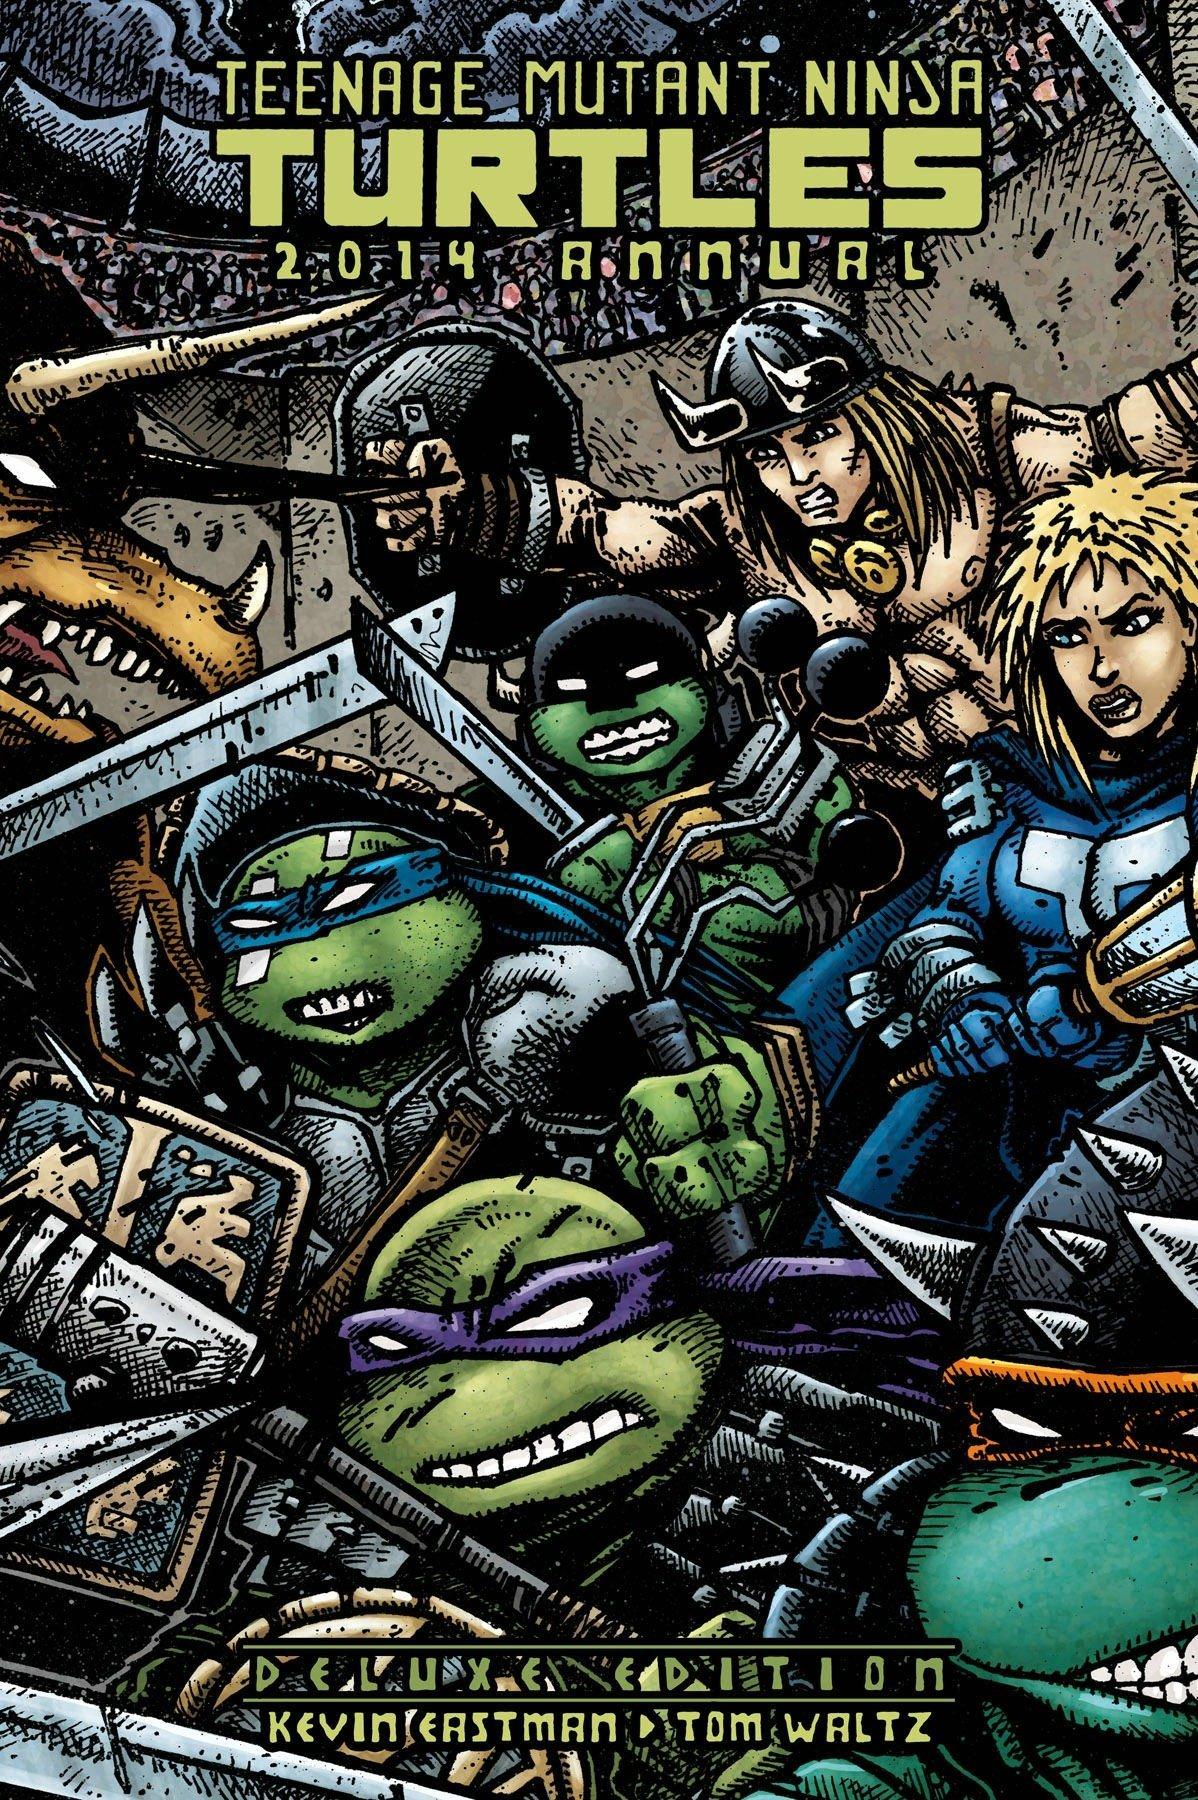 Teenage Mutant Ninja Turtles 2014 Annual Deluxe Edition ...